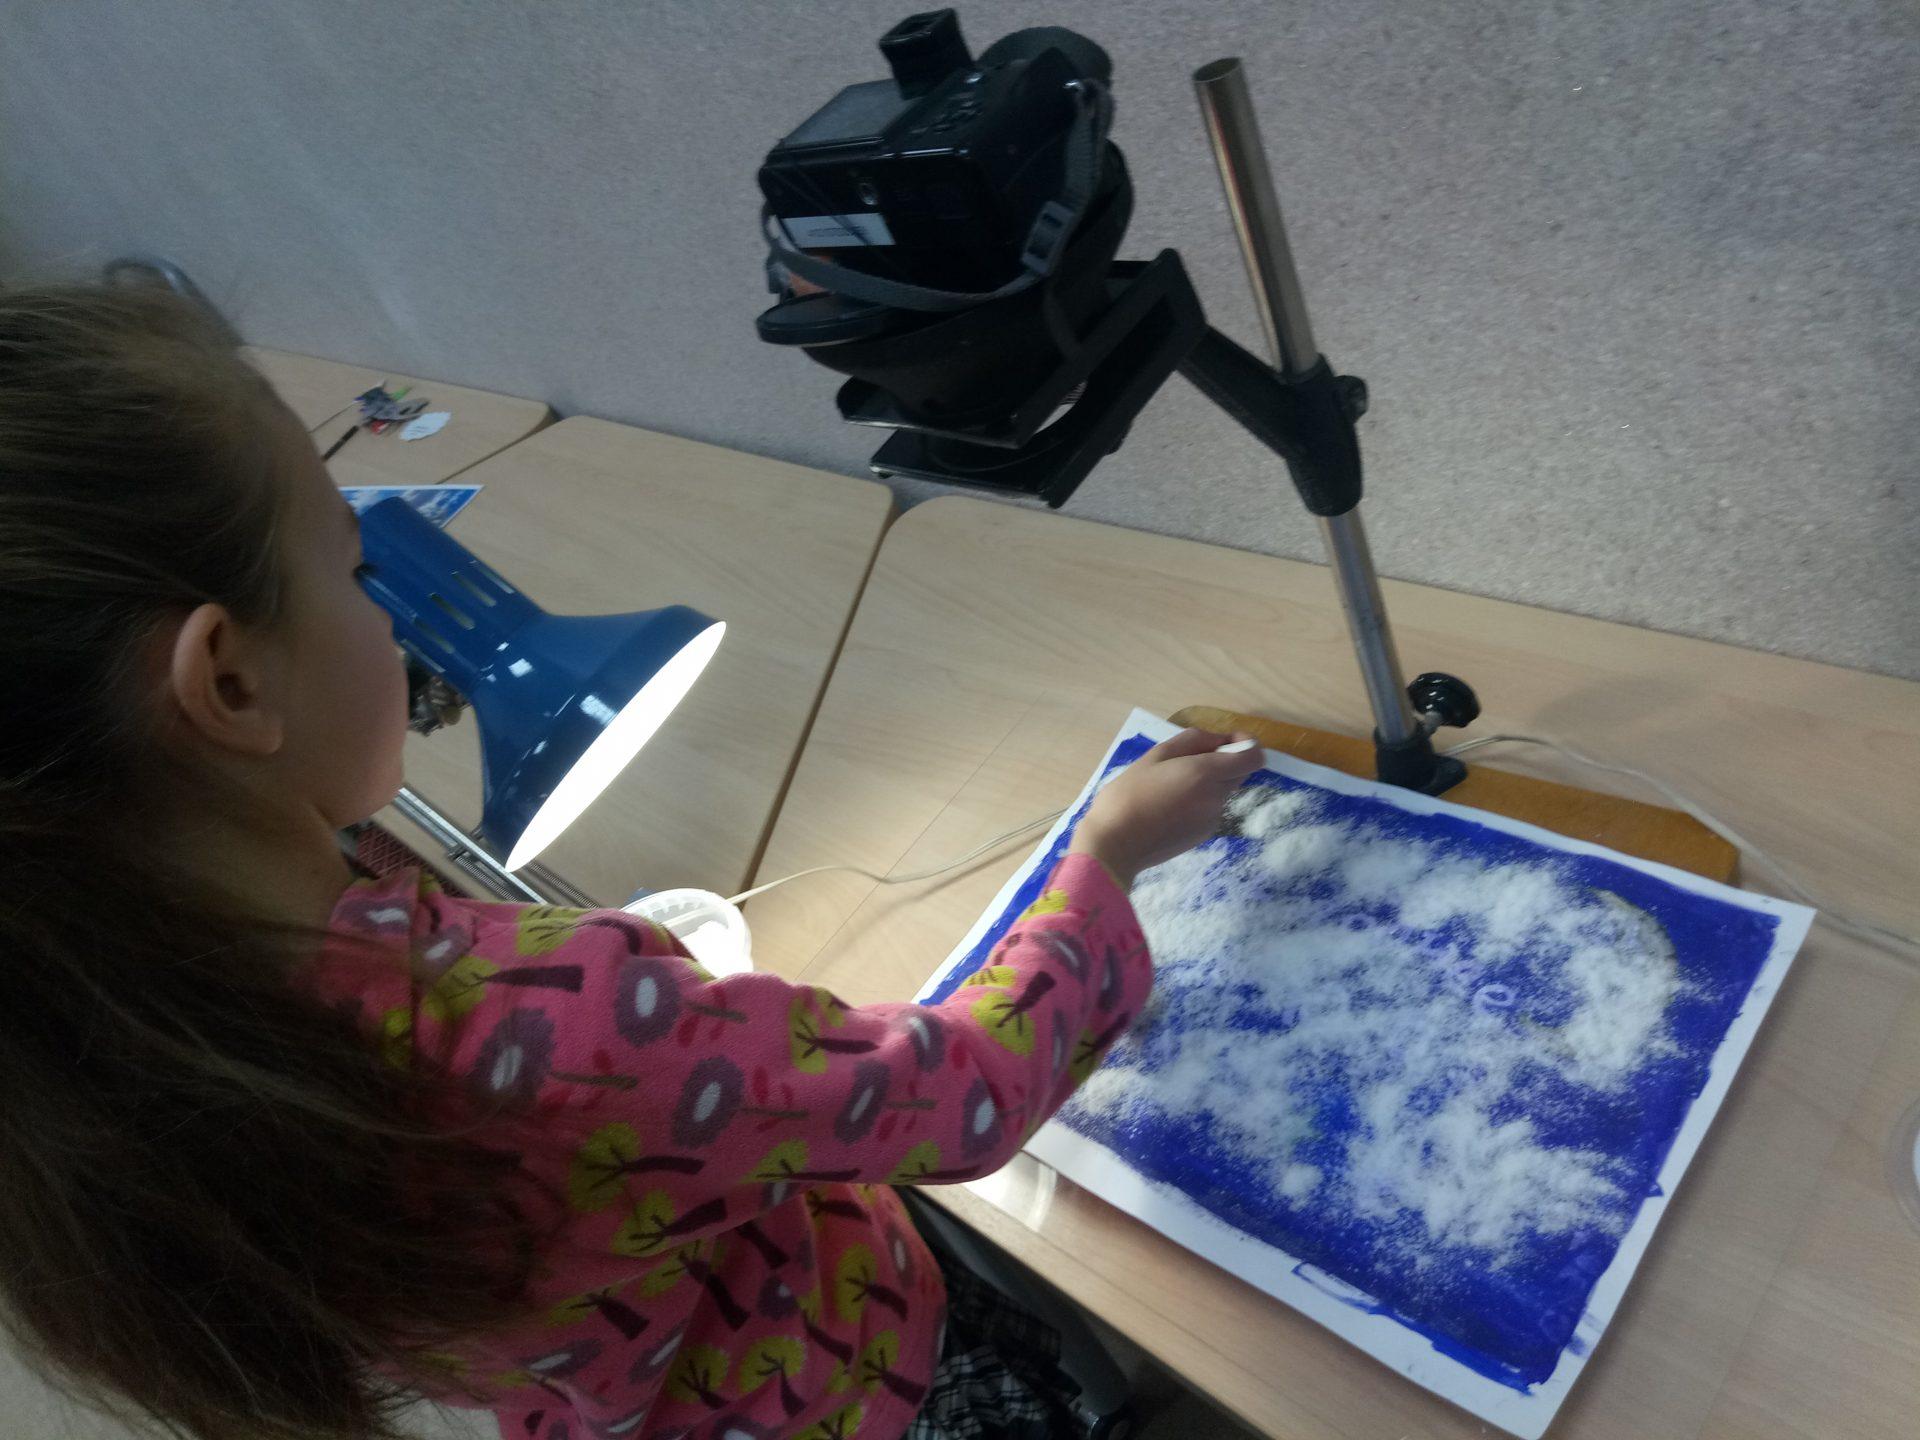 учатники студии снимают заставку для мультфильма